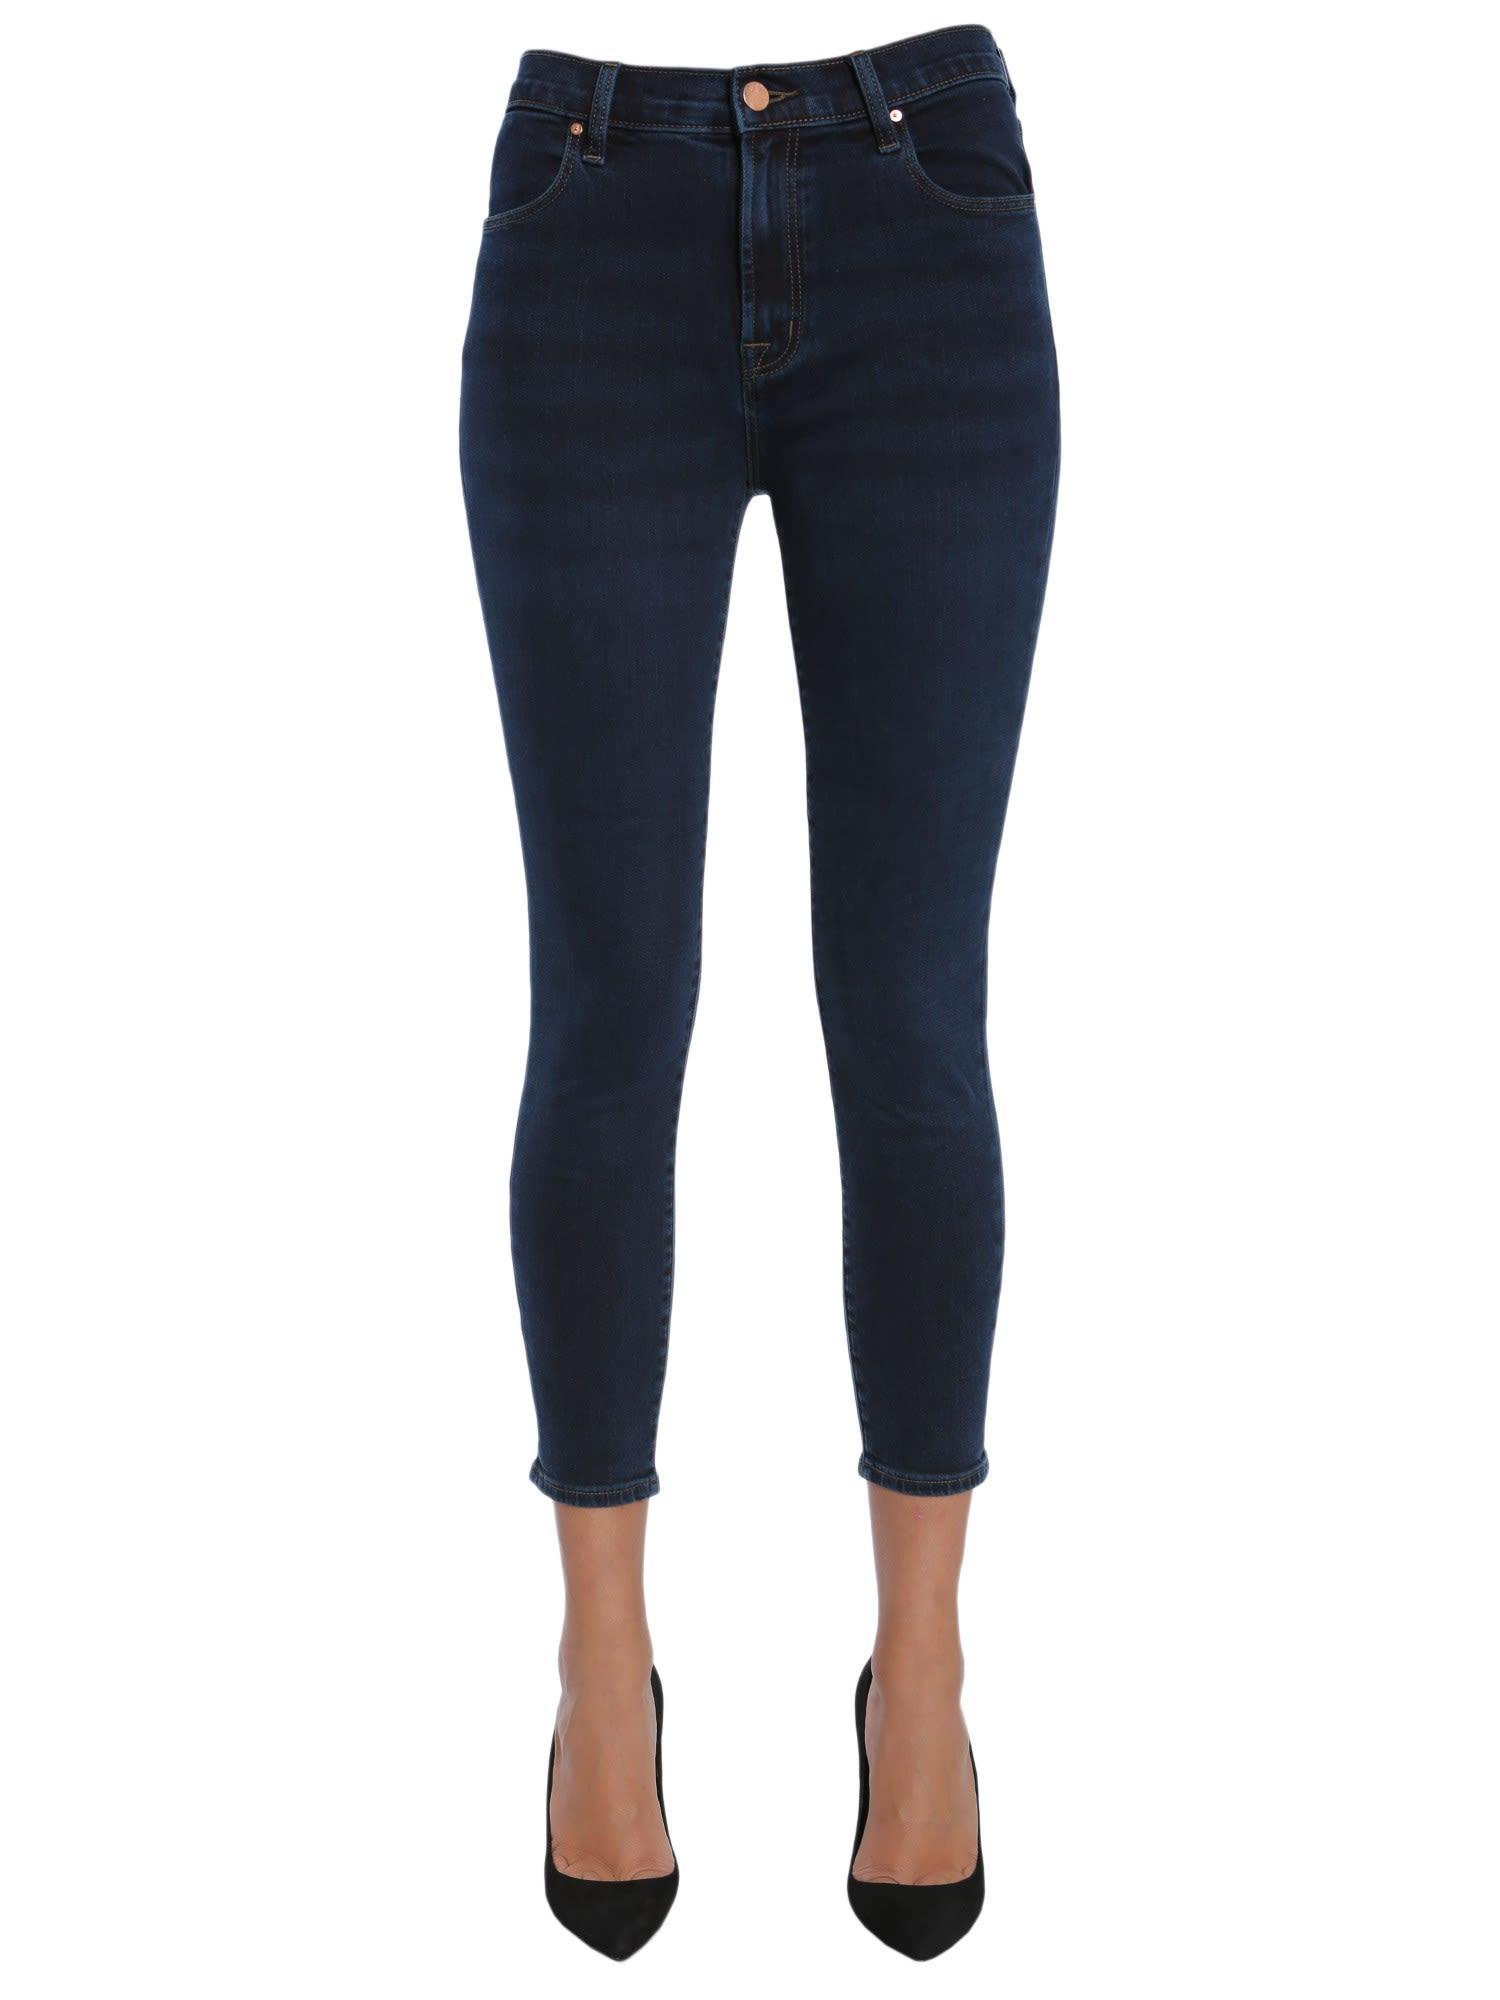 J Brand Alana Jeans In Denim